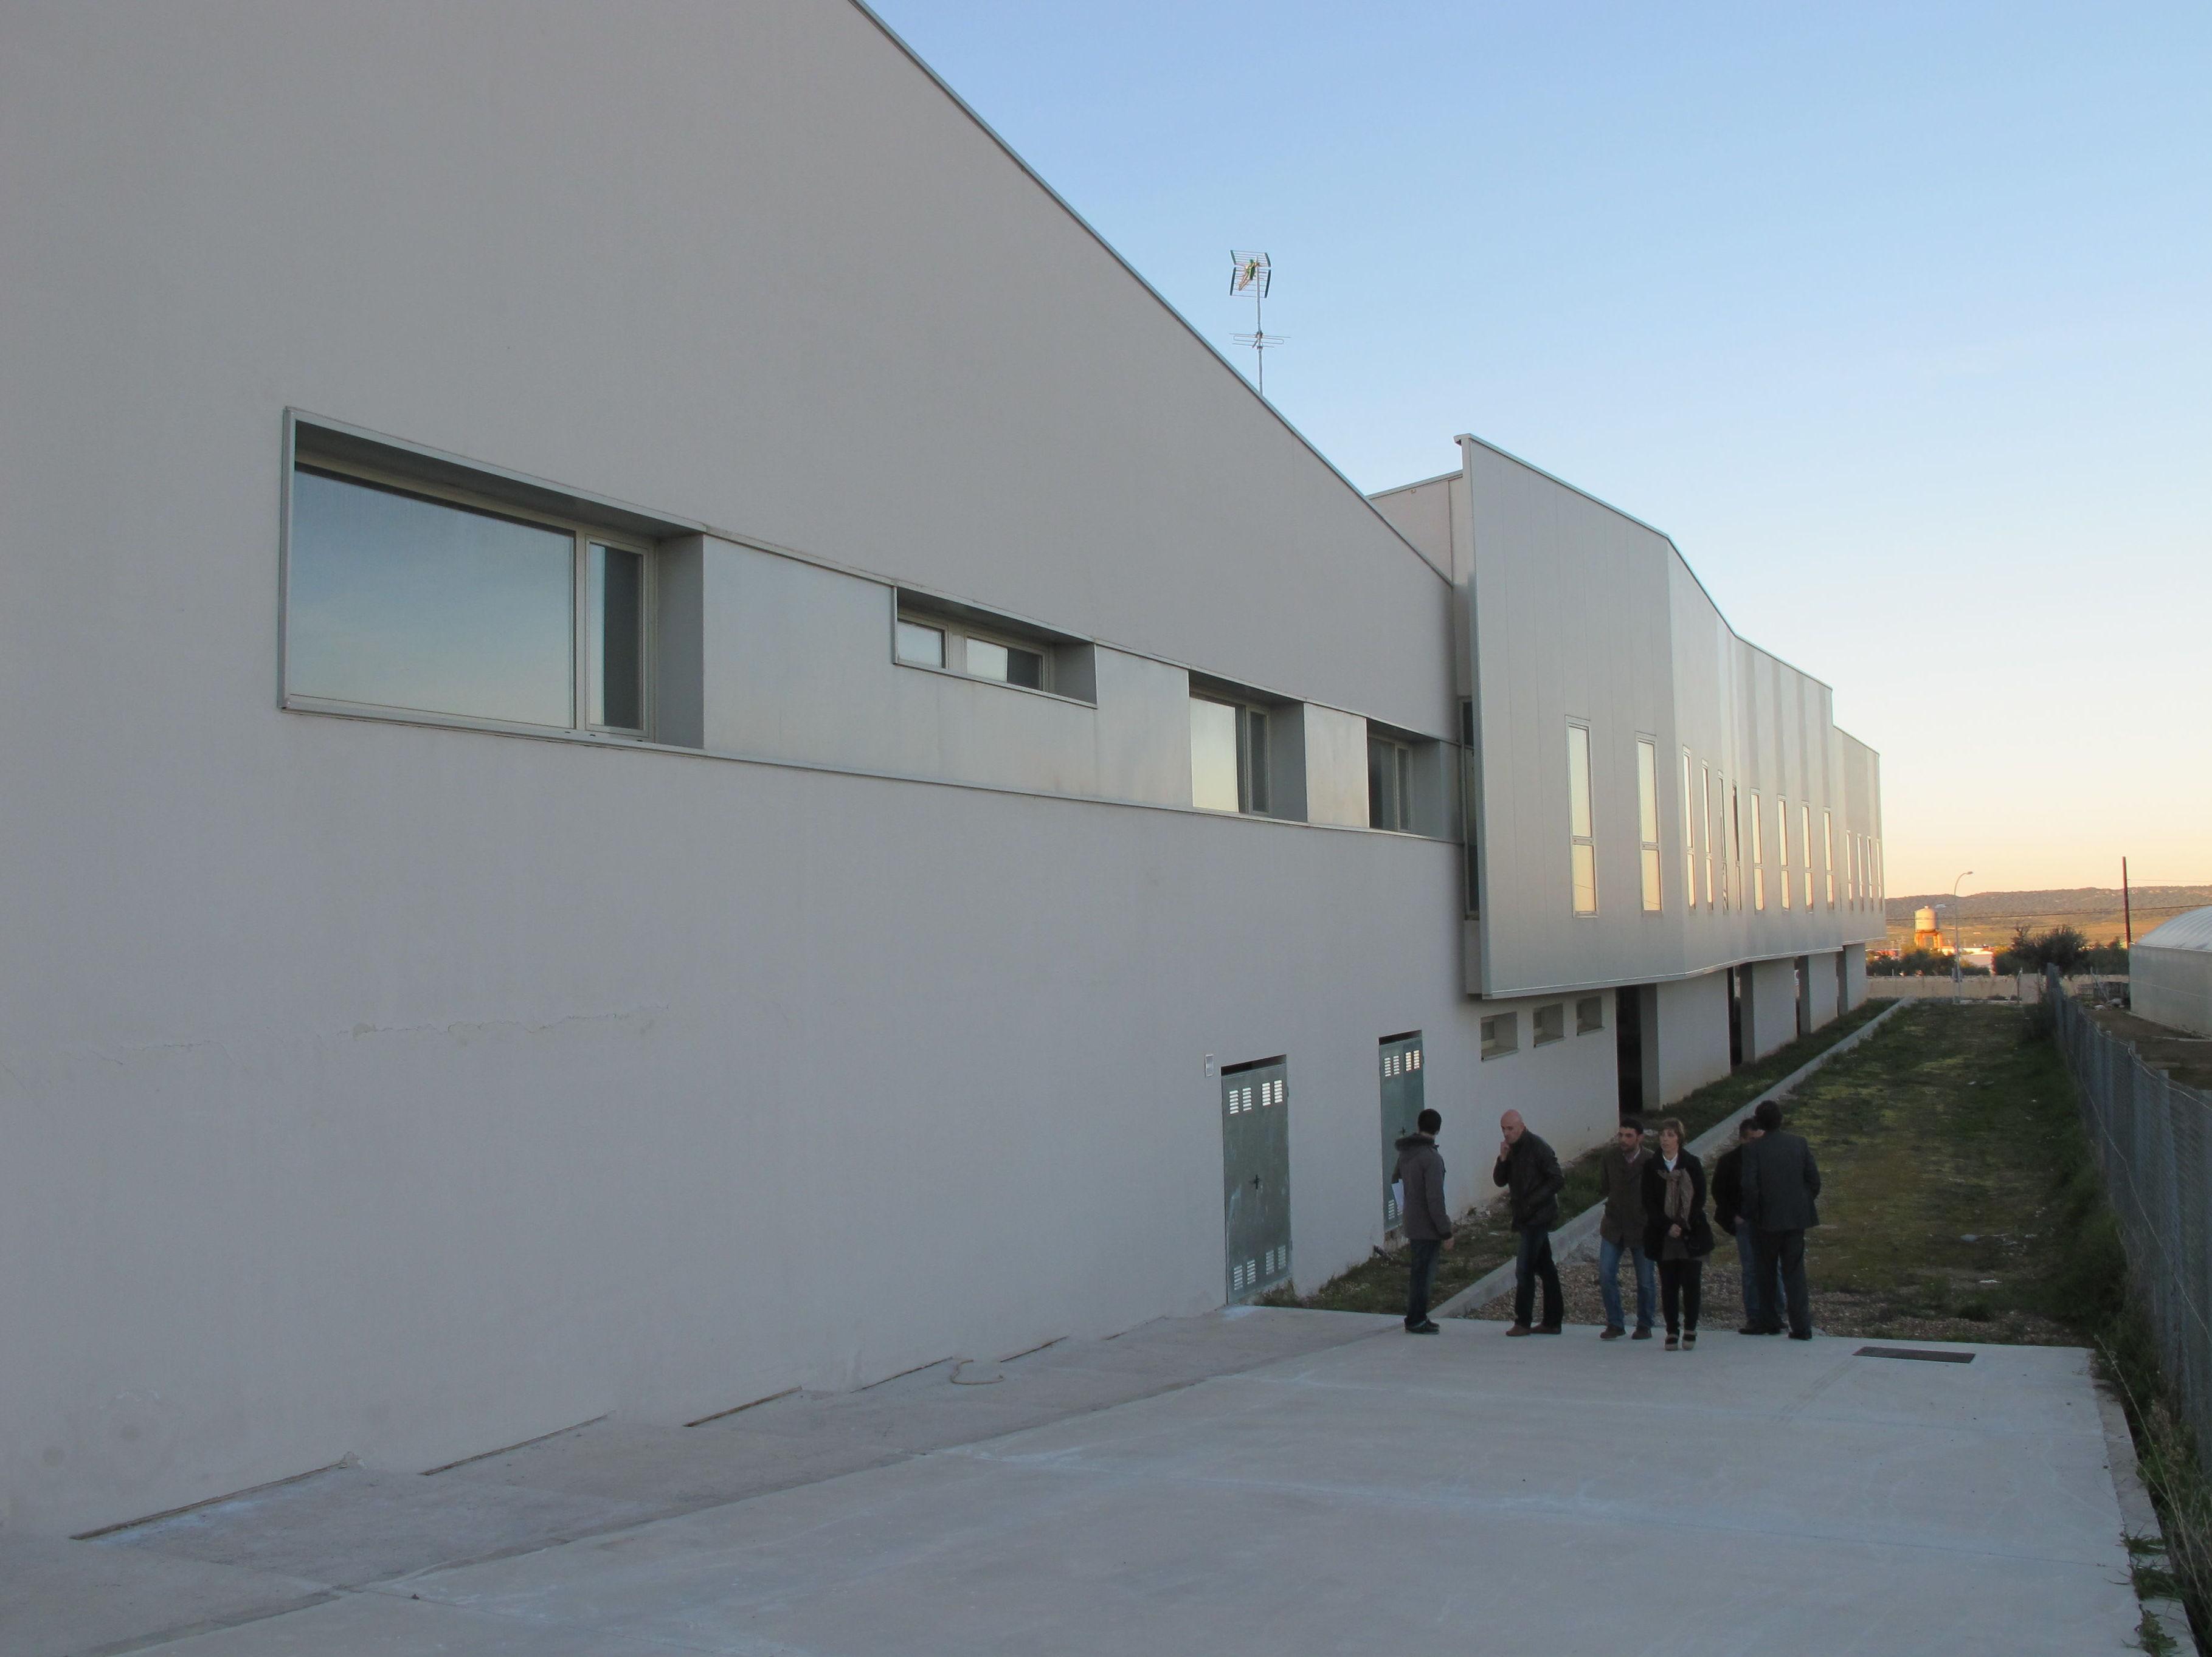 Residencia de ancianos en San Vicente de Alcántara (Badajoz)